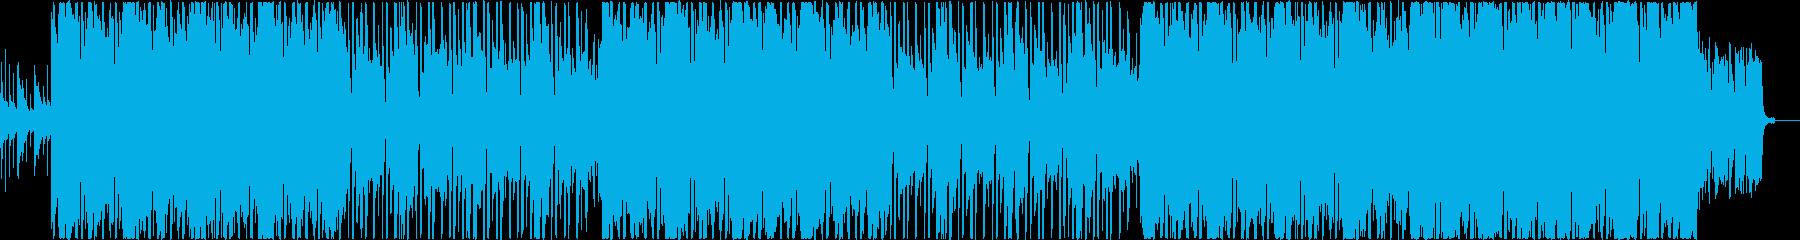 ガムランが印象的なエスニックなクラブ系の再生済みの波形